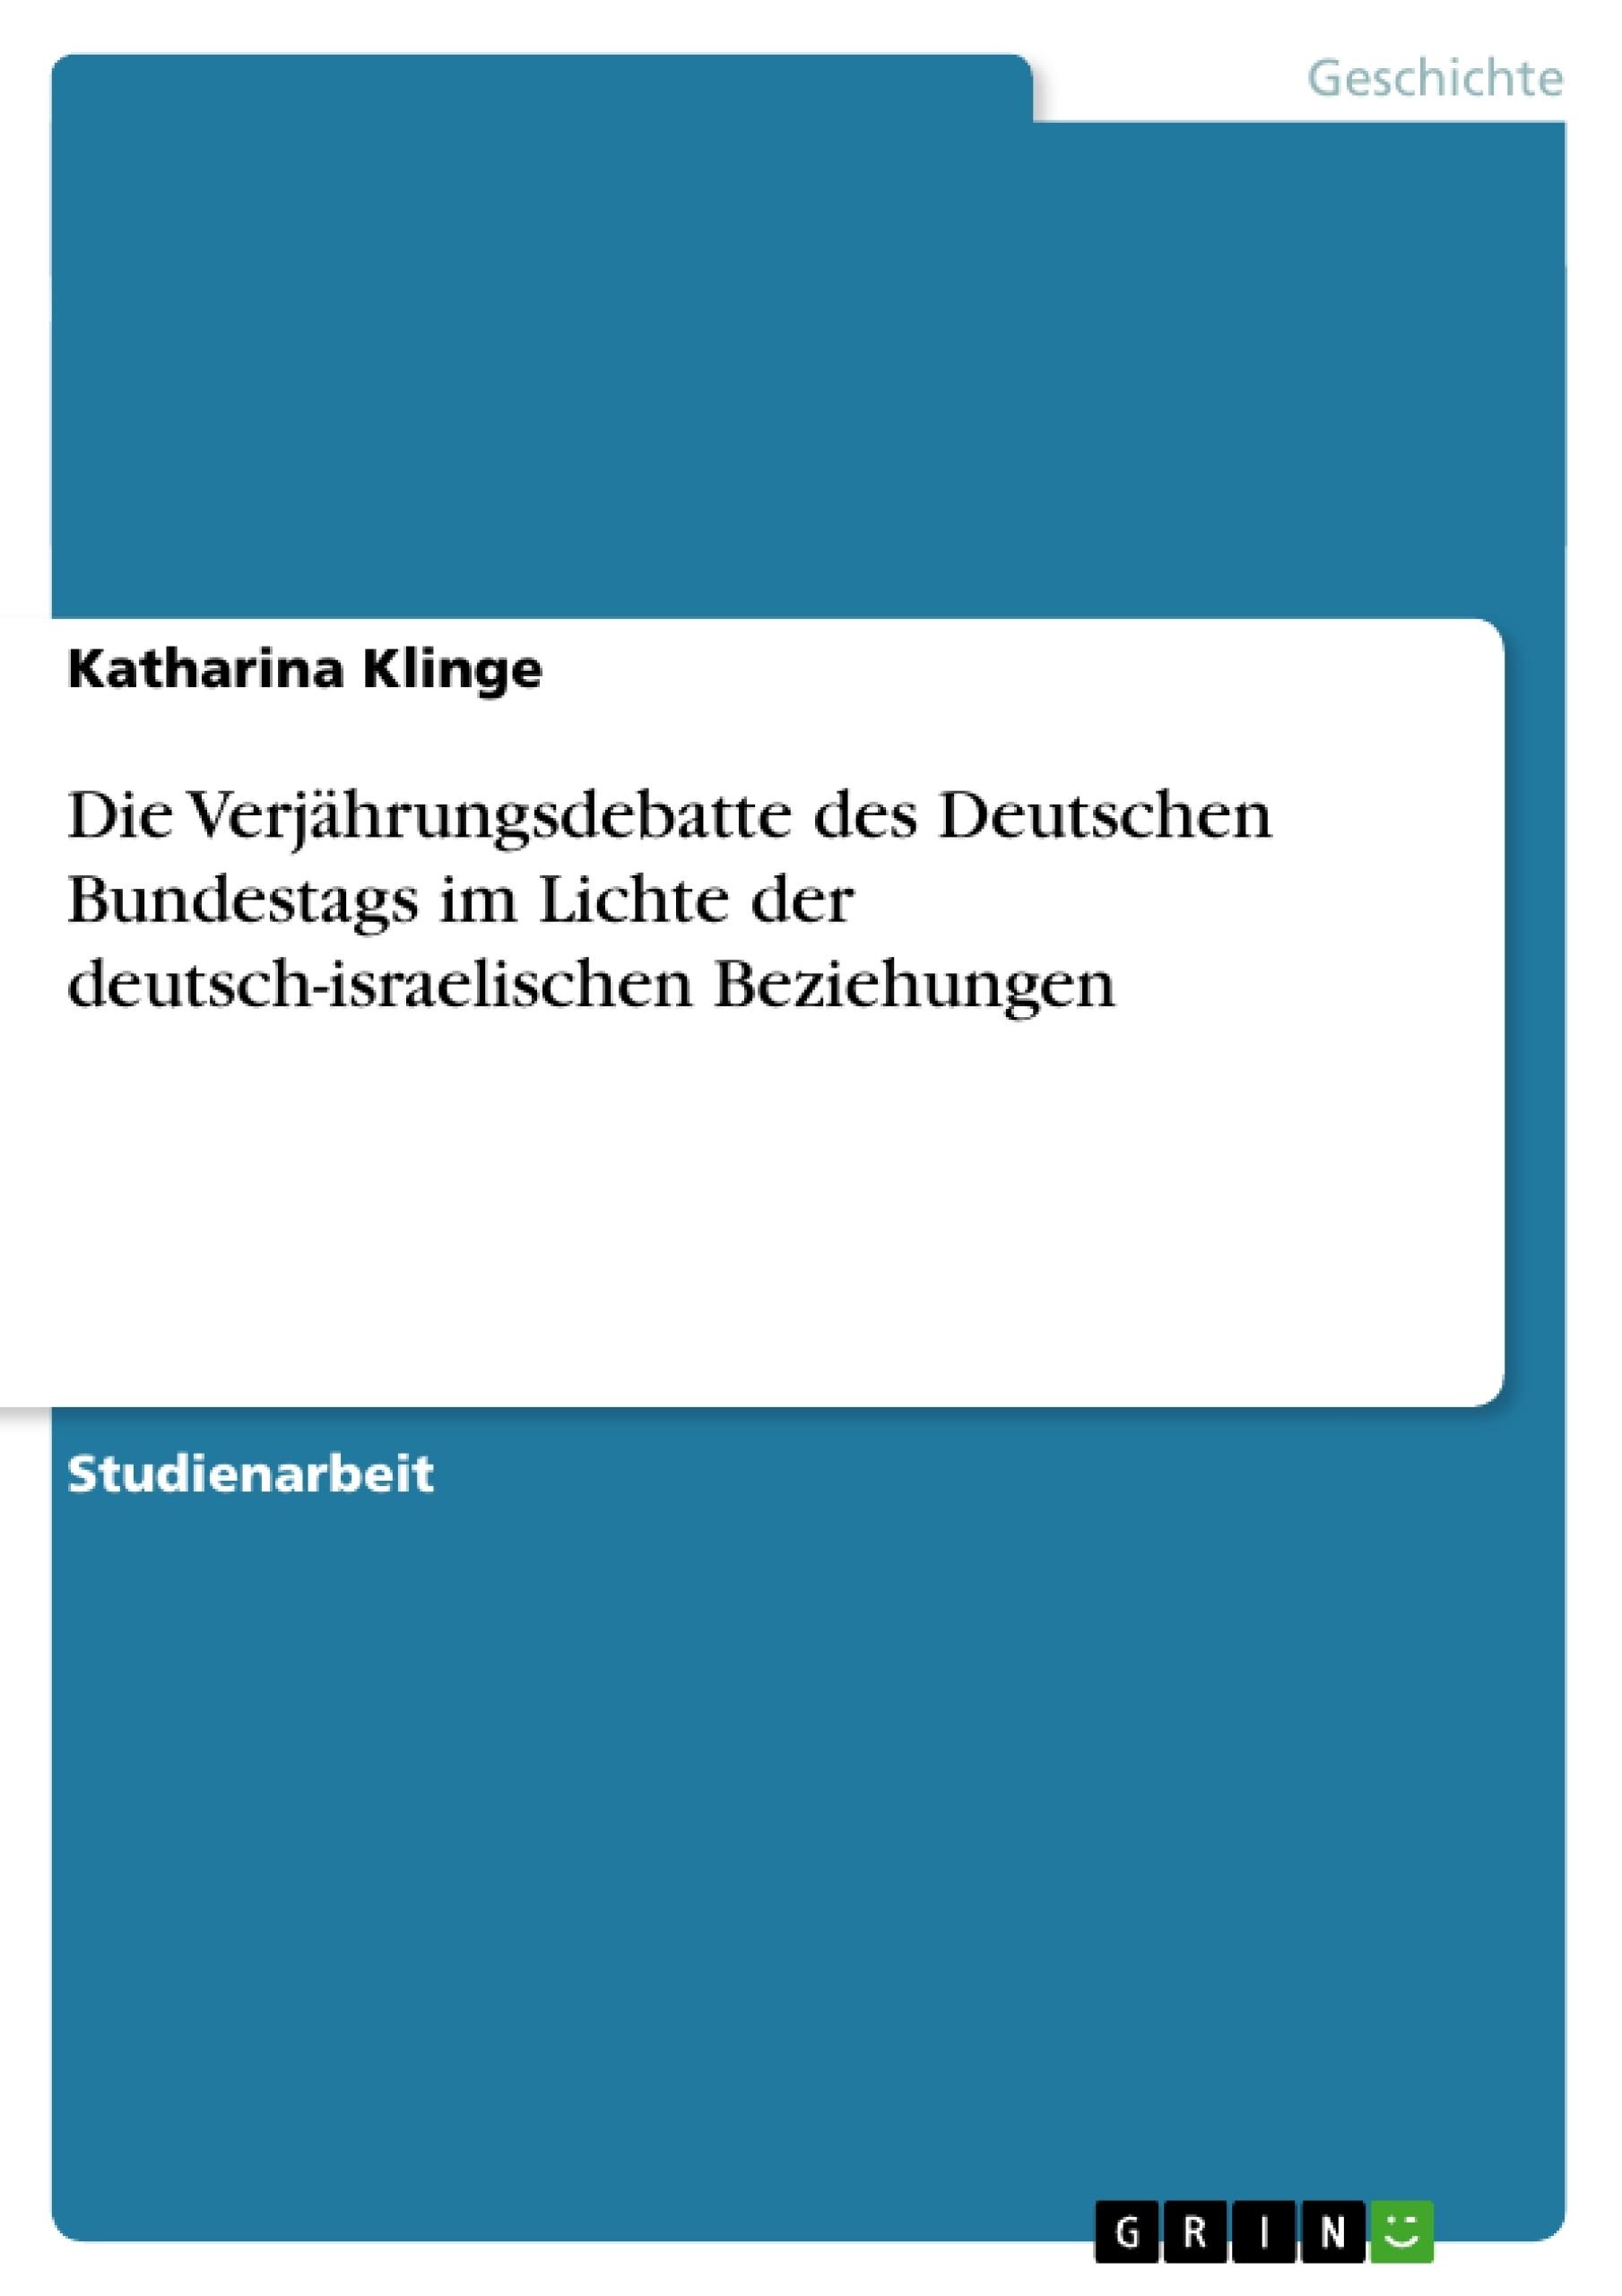 Titel: Die Verjährungsdebatte des Deutschen Bundestags im Lichte der deutsch-israelischen Beziehungen